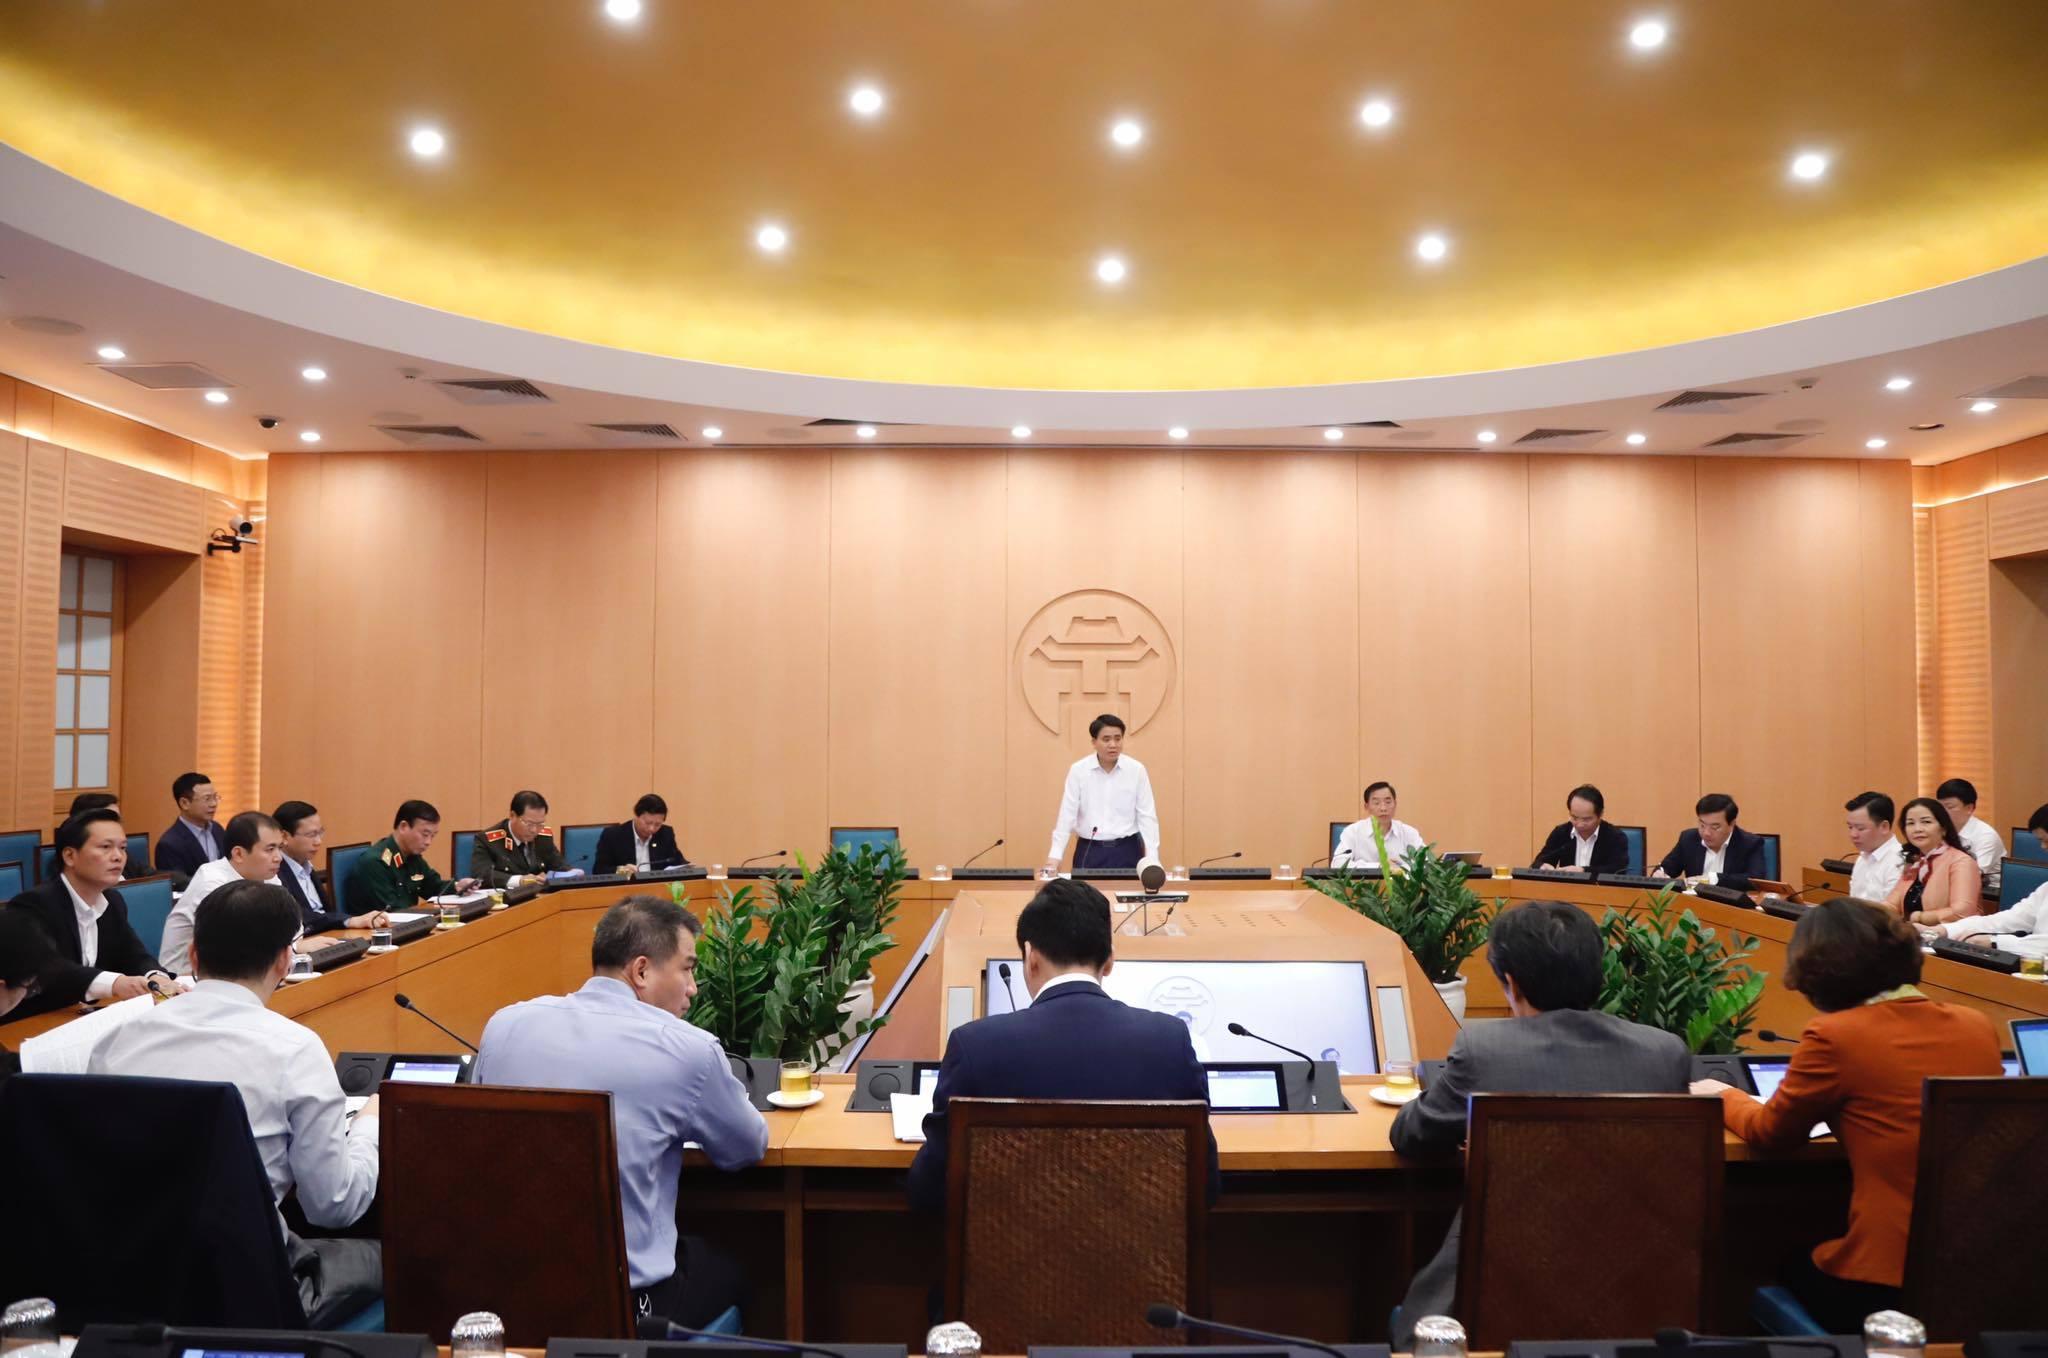 Chủ tịch Hà Nội: Tuổi người mắc Covid-19 ở Việt Nam ngược với Trung Quốc, Ý